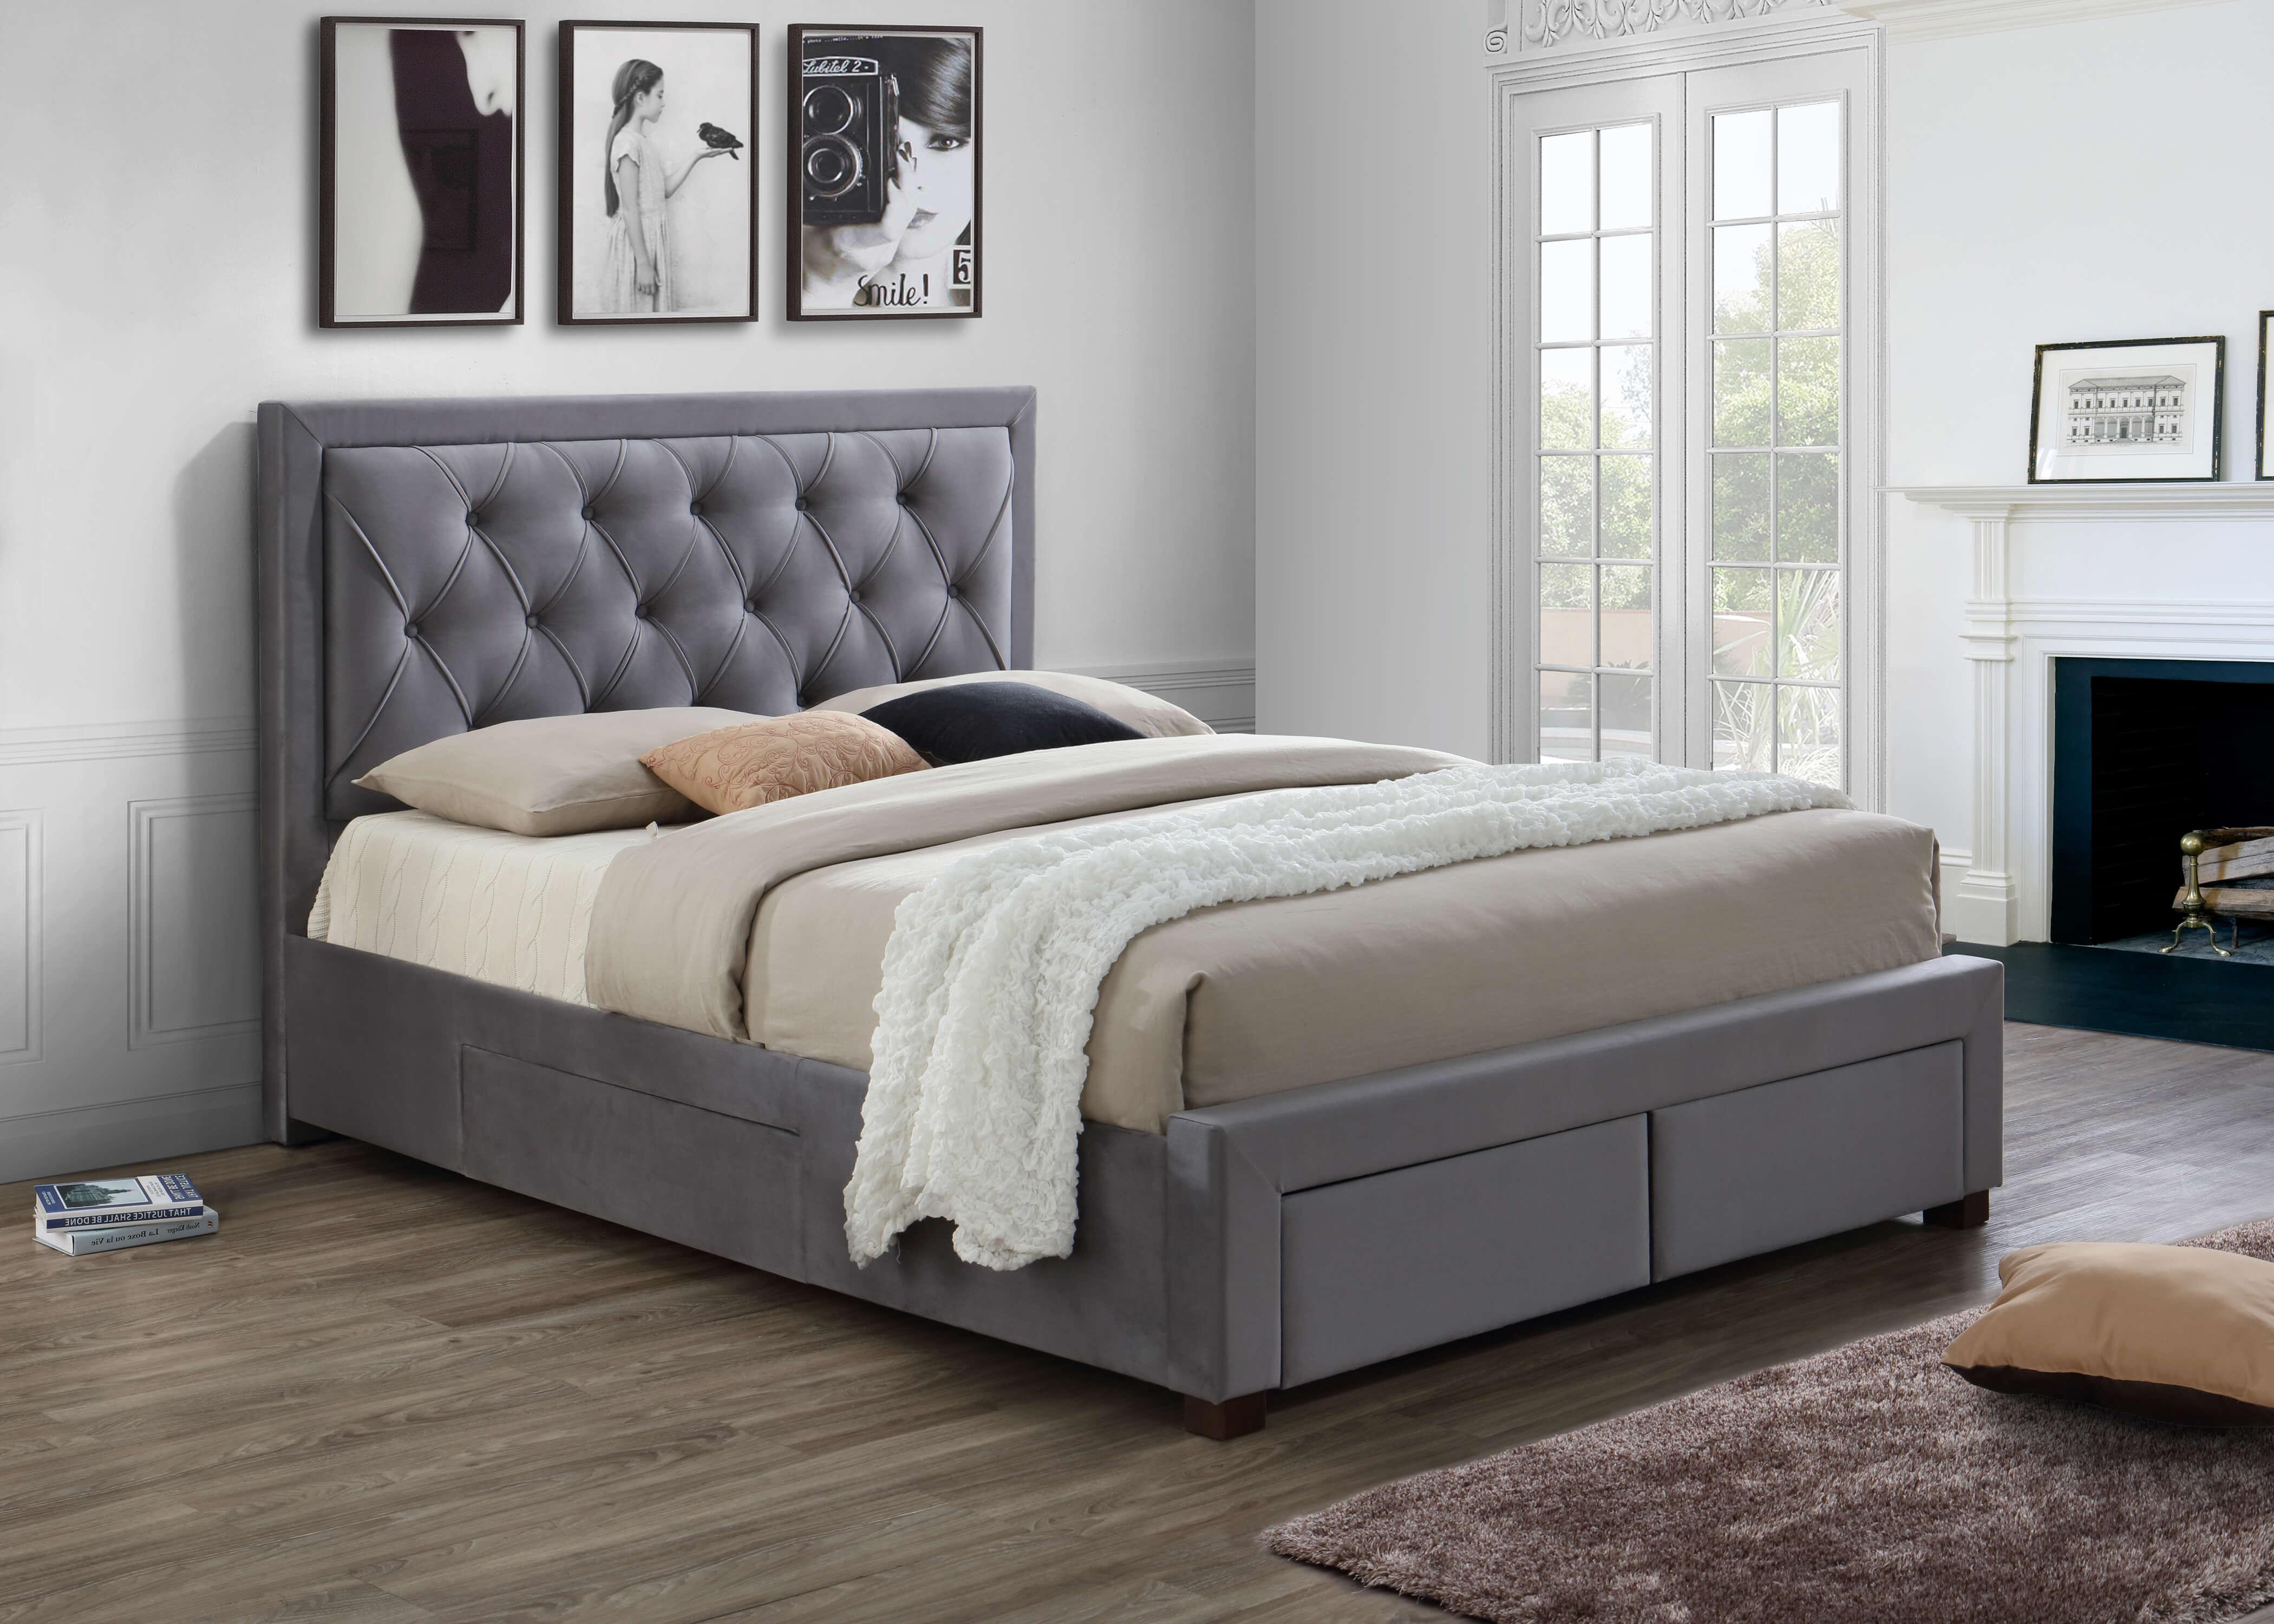 Birlea Woodbury Bed Frame